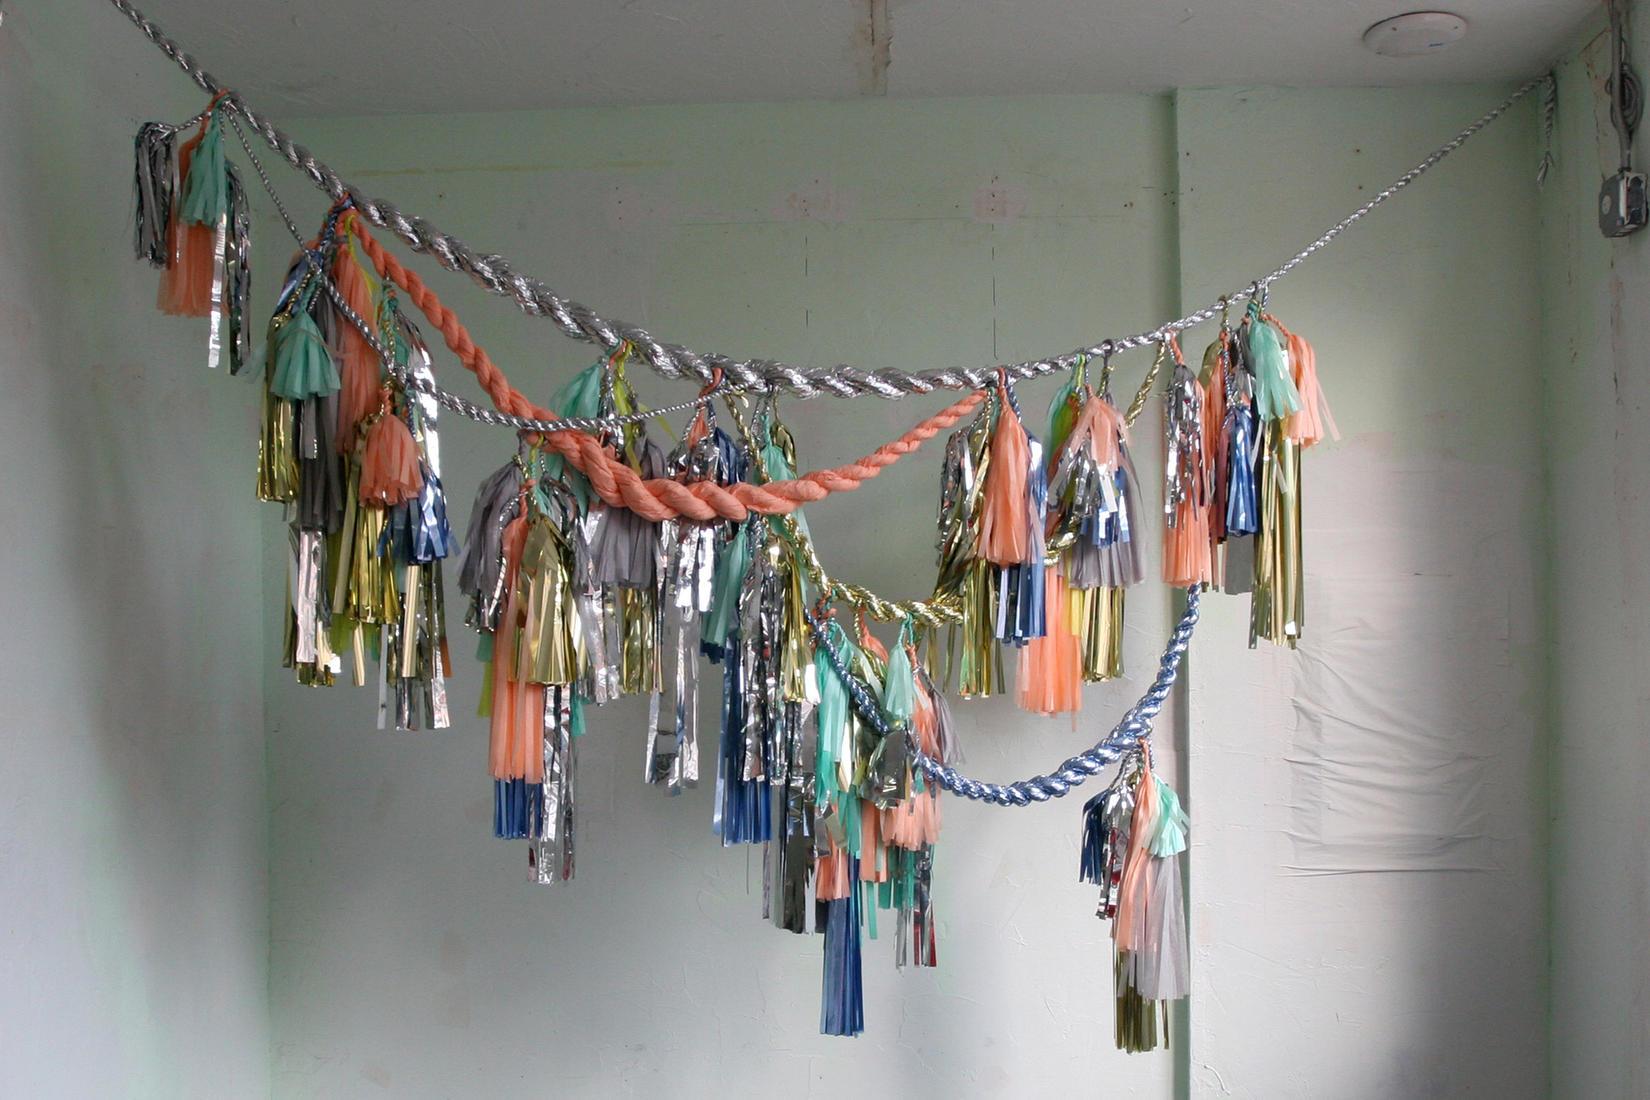 Festive Tasseled Garland by Confetti System